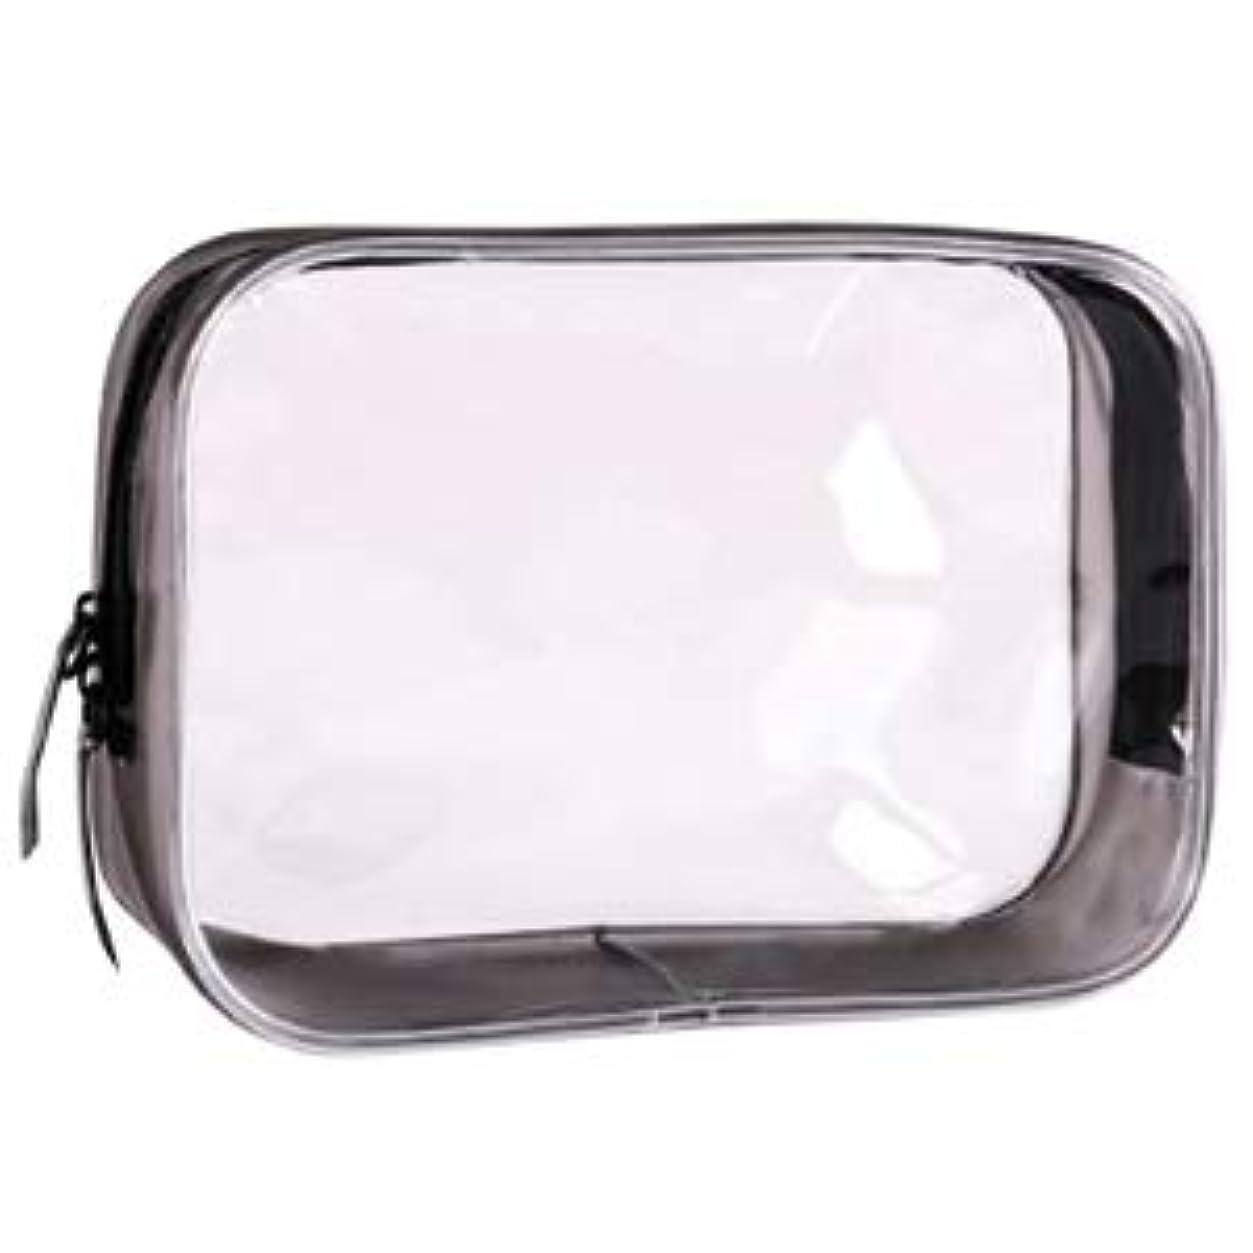 即席ペルメル耐えられるクリアポーチ トラベルポーチ 透明ポーチ ビニールポーチ PVC 化粧品収納 小物入れ 防水 (XL)